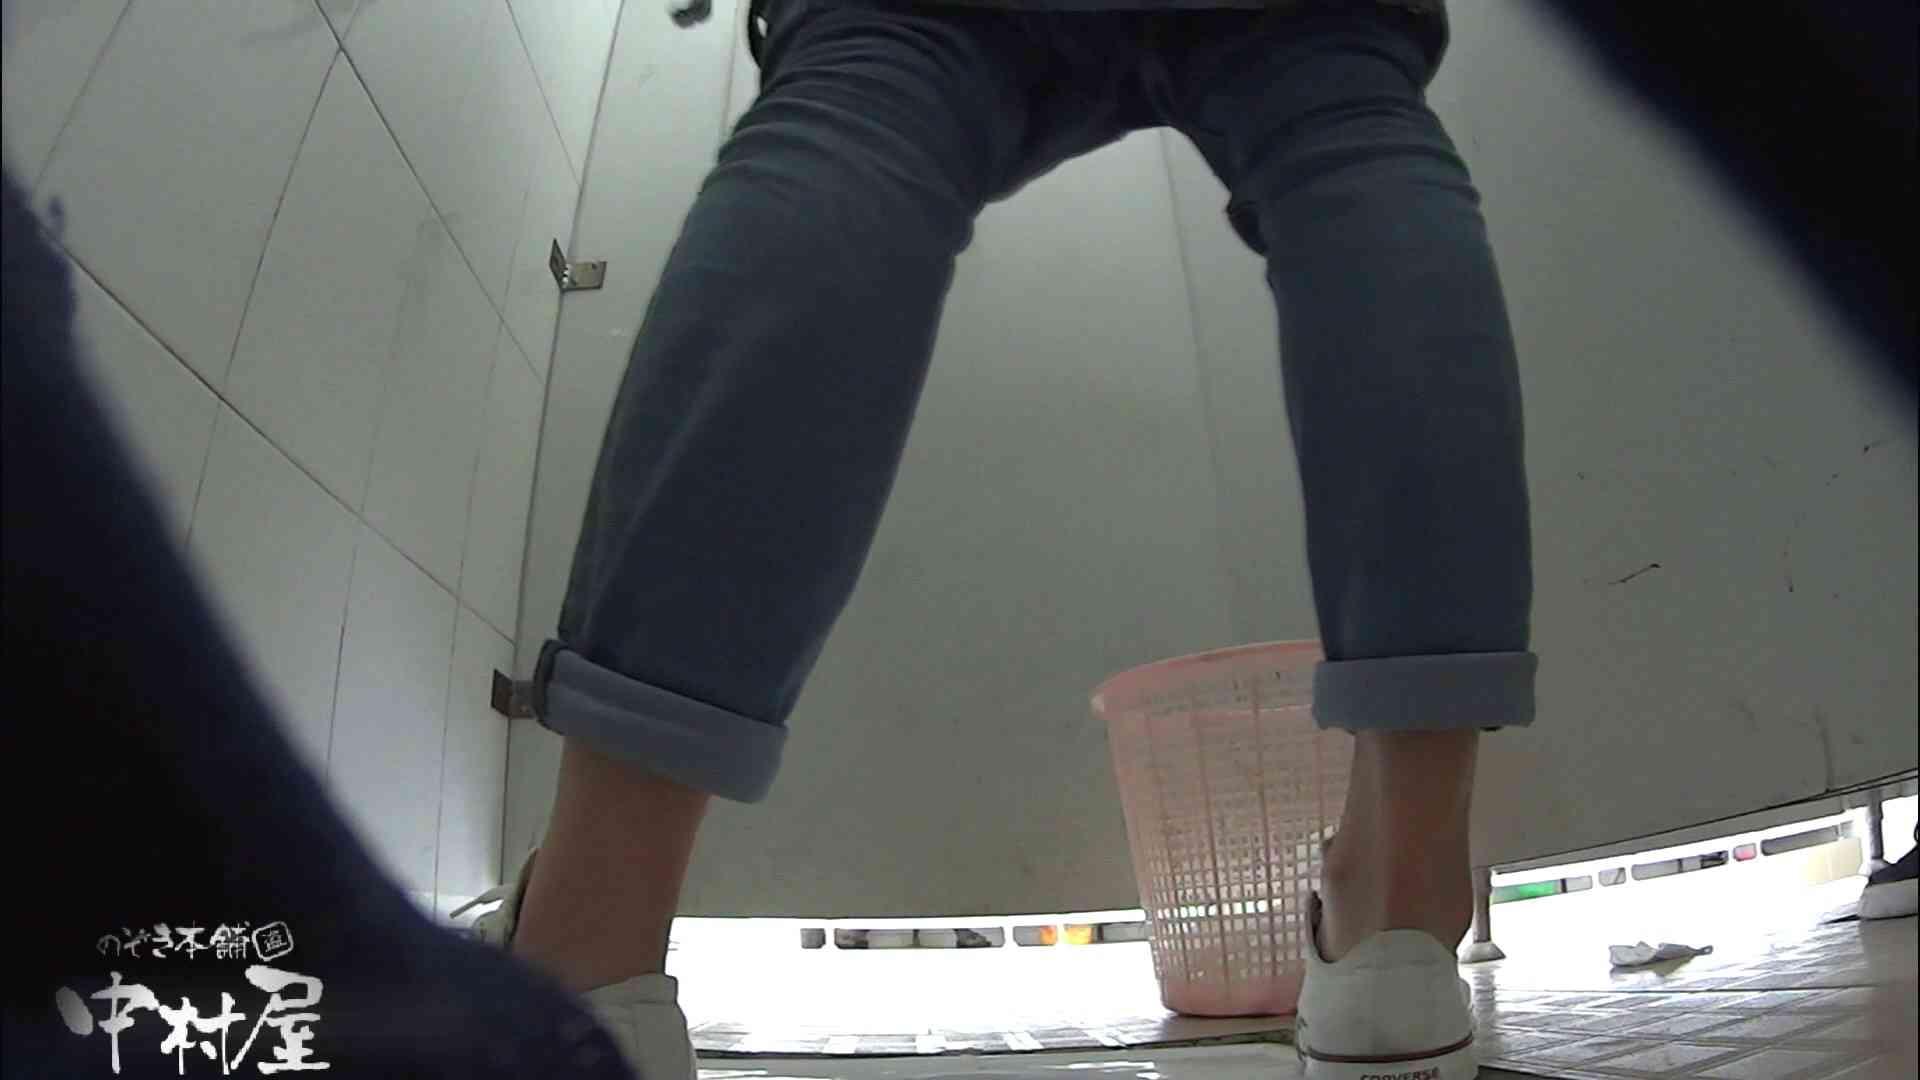 名大学休憩時間の洗面所事情01 盗撮映像  85Pix 59